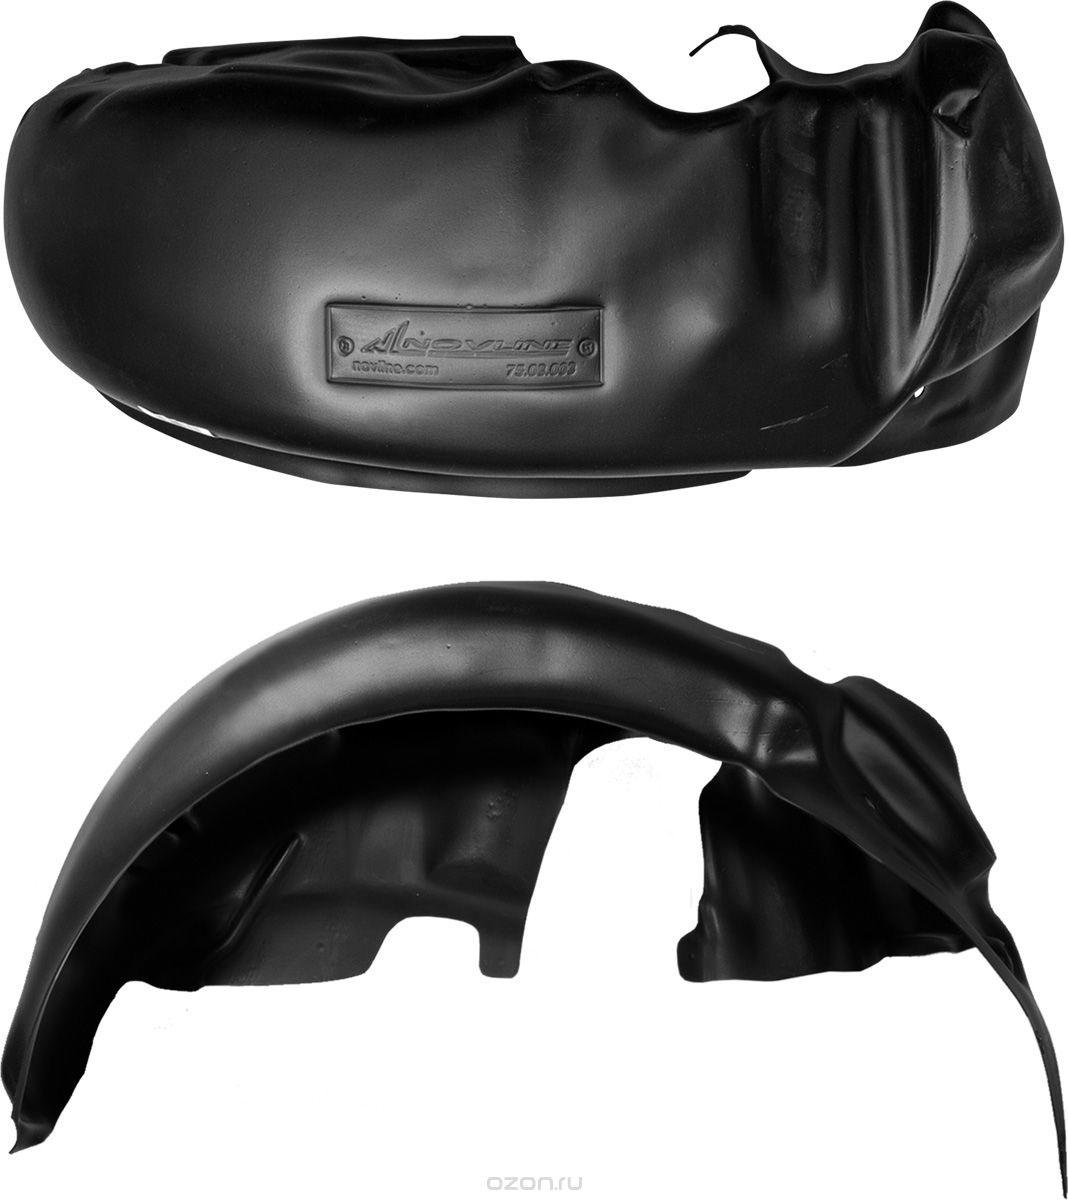 Подкрылок Novline-Autofamily, для Toyota Hilux, 09/2015->, пикап, задний правыйNLL.48.62.004Идеальная защита колесной ниши. Локеры разработаны с применением цифровых технологий, гарантируют максимальную повторяемость поверхности арки. Изделия устанавливаются без нарушения лакокрасочного покрытия автомобиля, каждый подкрылок комплектуется крепежом. Уважаемые клиенты, обращаем ваше внимание, что фотографии на подкрылки универсальные и не отражают реальную форму изделия. При этом само изделие идет точно под размер указанного автомобиля.